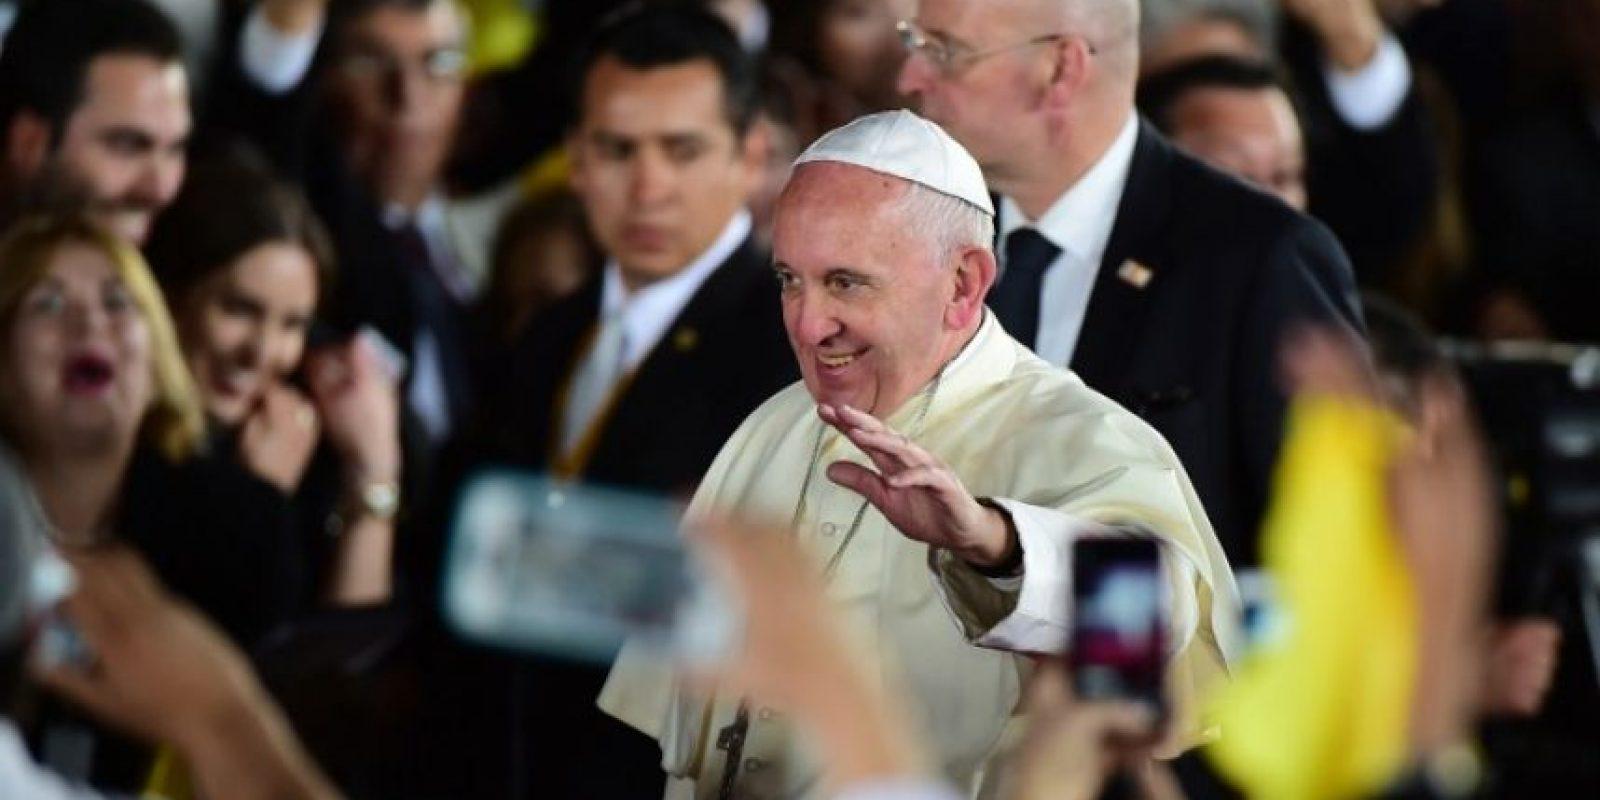 El papa Francisco se despide de las personas reunidas para despedirlo, tras su visita al país. Foto:AFP